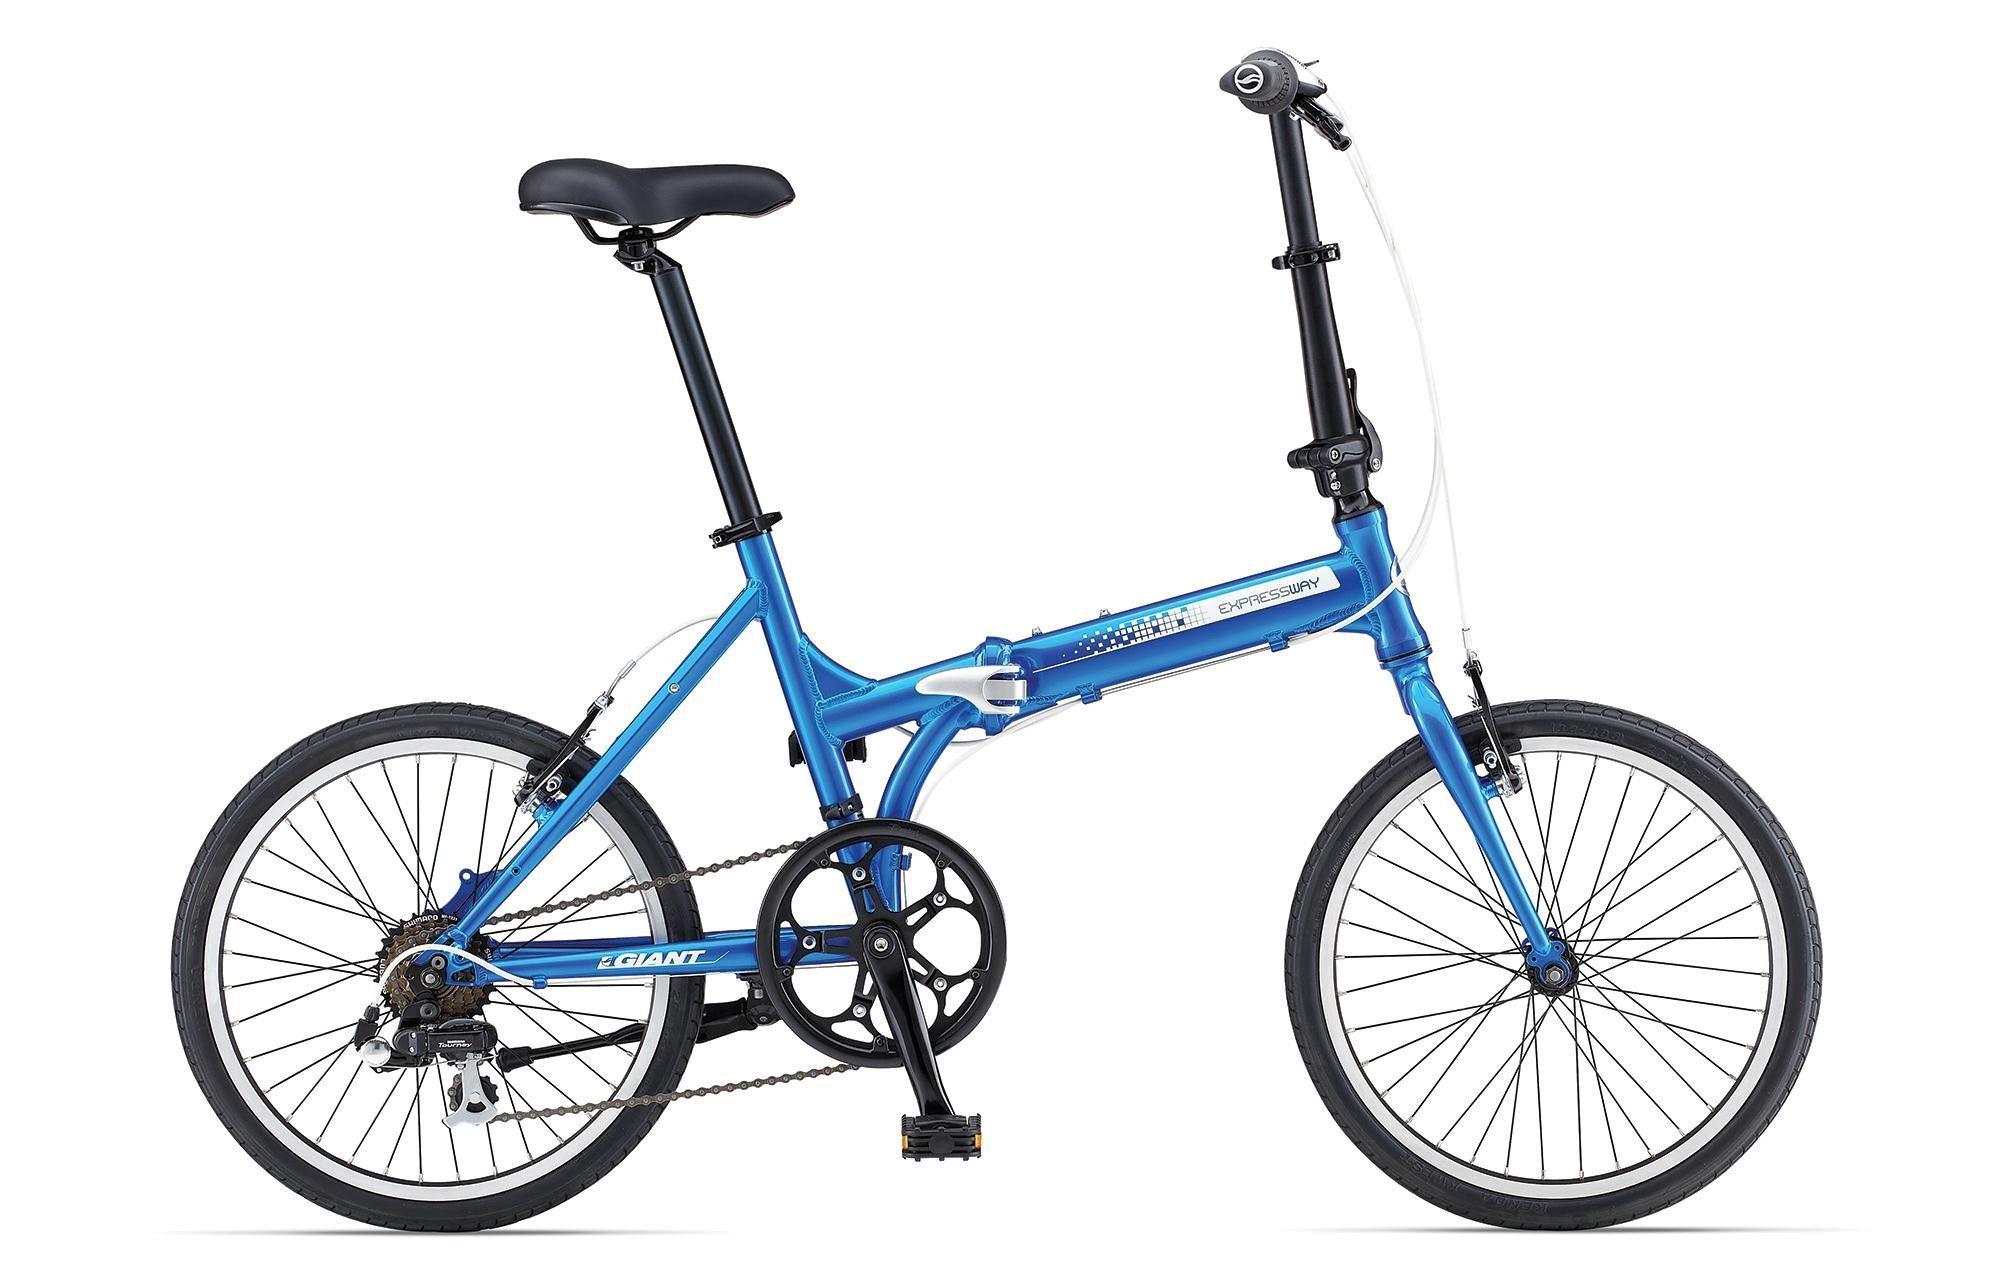 Велосипед  ExpressWay 2 (2014) Колесо: 20 Рама: one size Цвет: BLU/WHT/GRYВелосипеды<br><br><br>Артикул: 40022220<br>Бренд: Giant<br>Цвет: BLU/WHT/GRY<br>Размер колеса: 20<br>Размер рамы: one size<br>Назначение велосипеда: складной,дорожный<br>Количество колес: двухколесный<br>Возрастная группа: взрослый<br>Пол: Унисекс<br>Складной: да